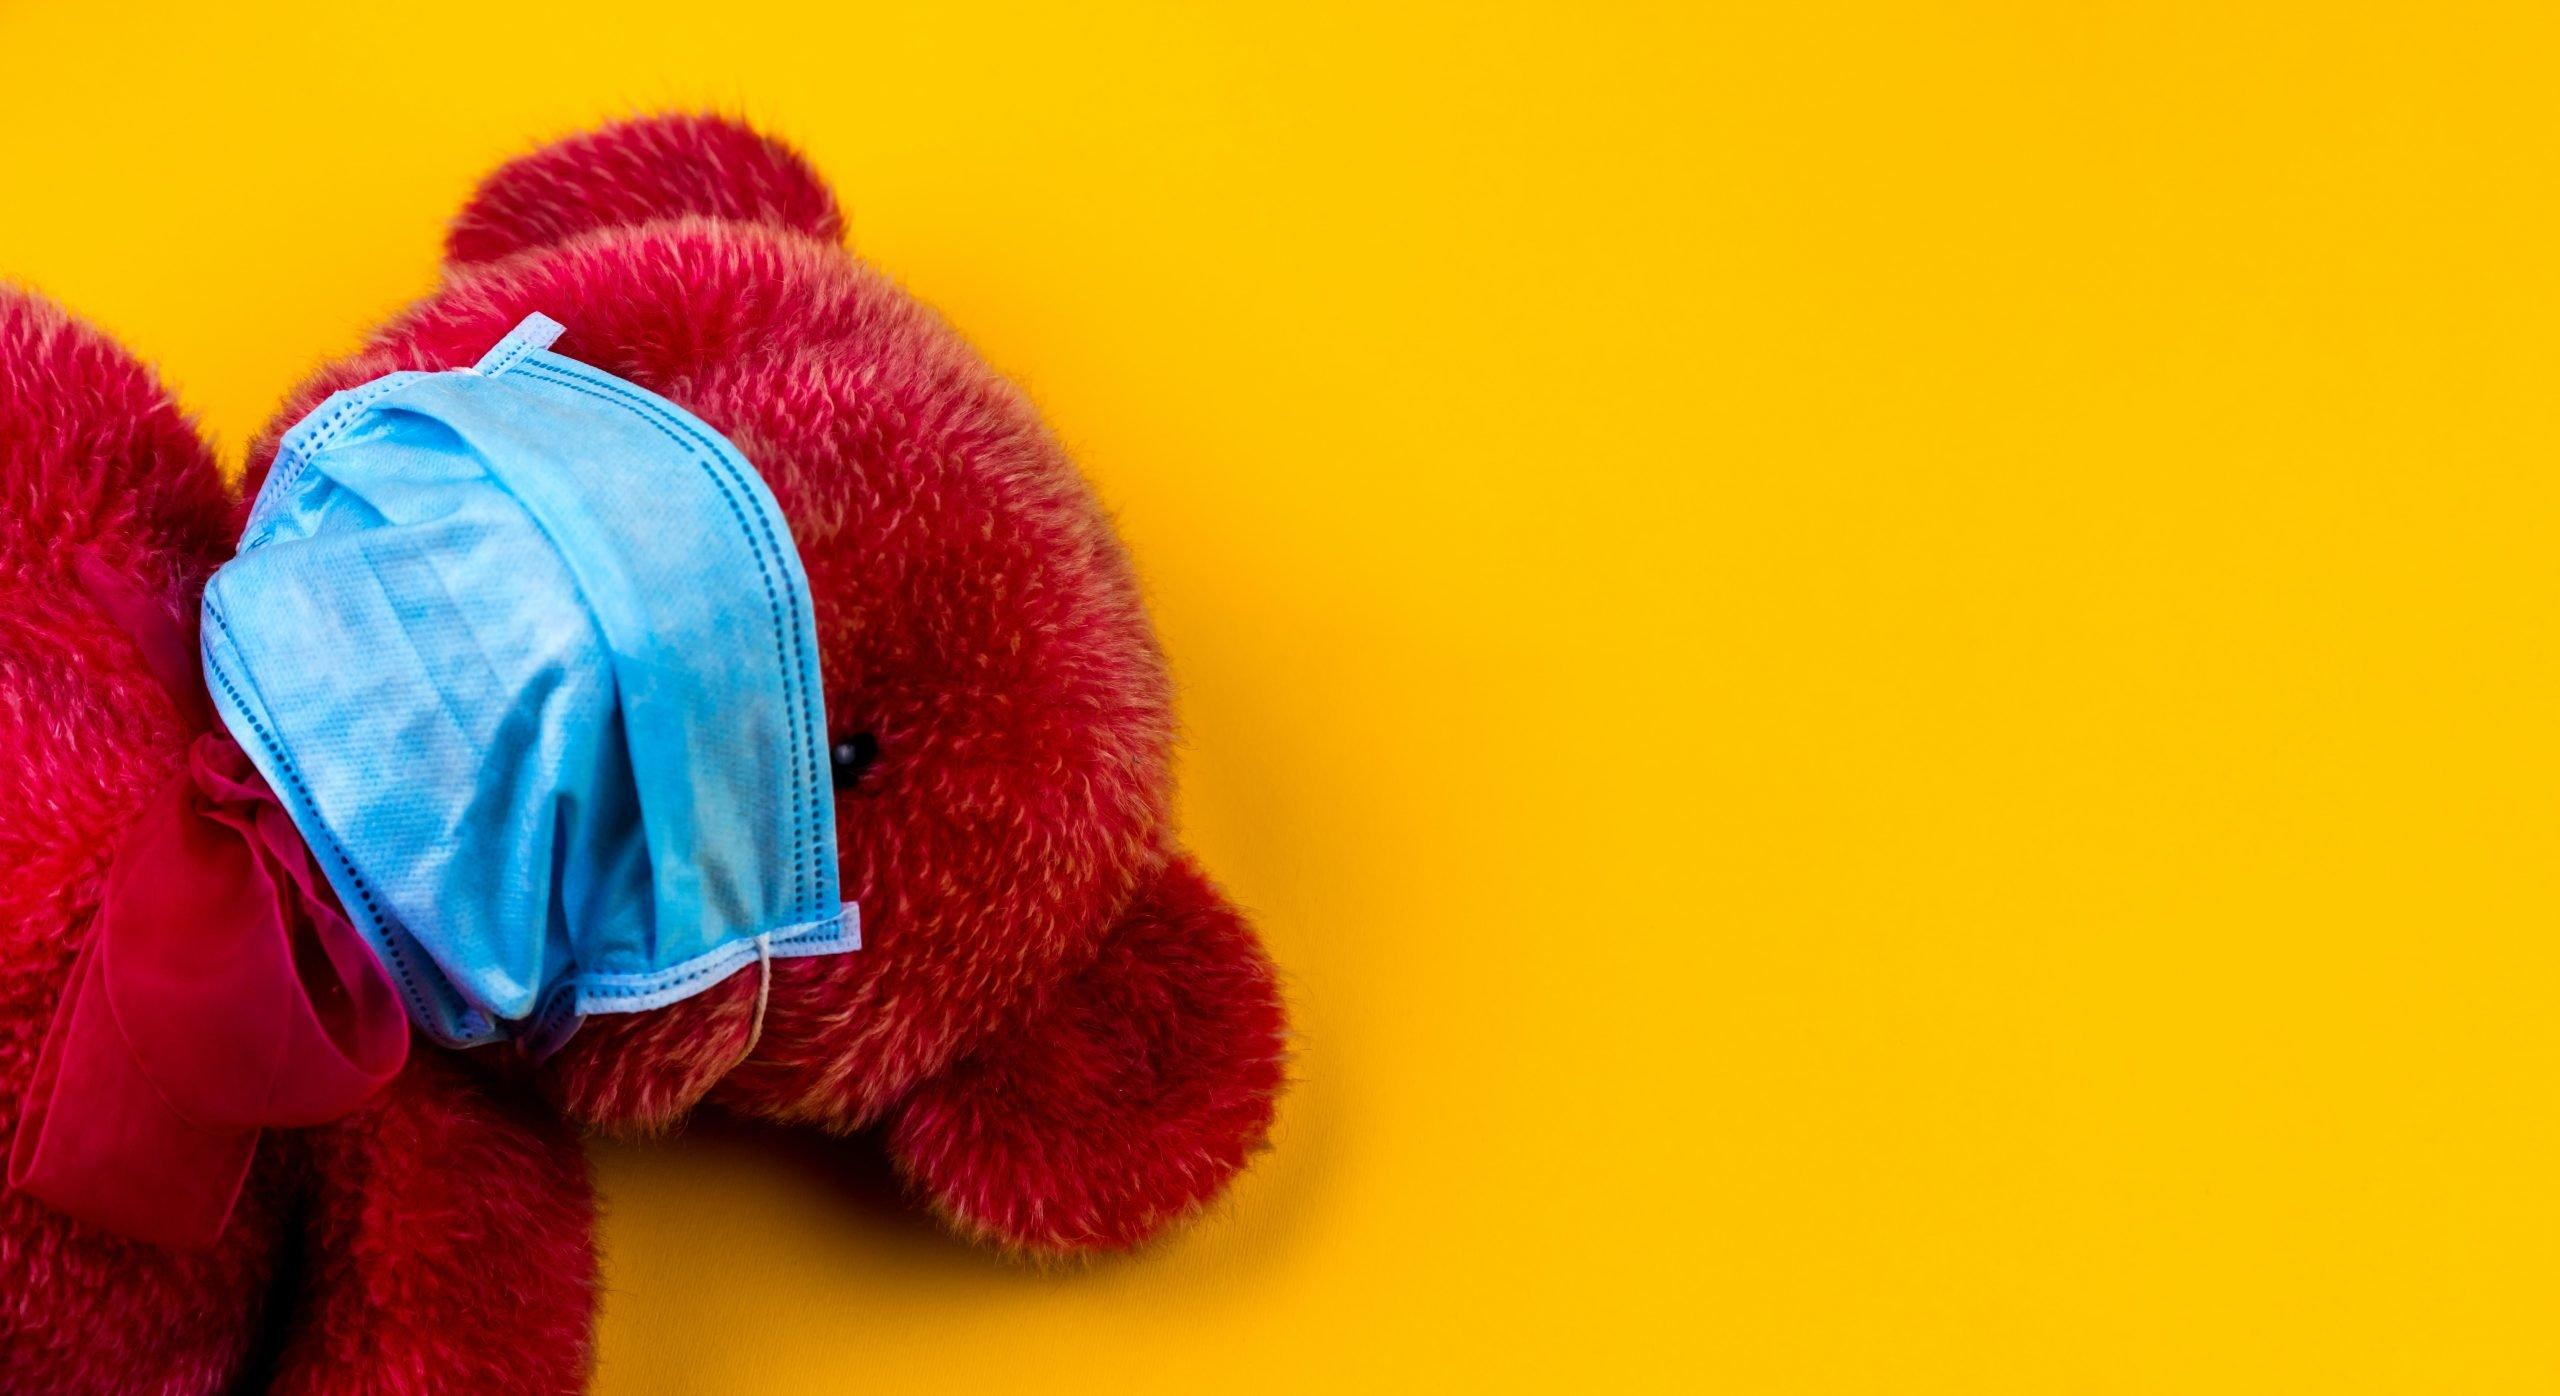 Imagen representativa de oso de peluche con cubrebocas.